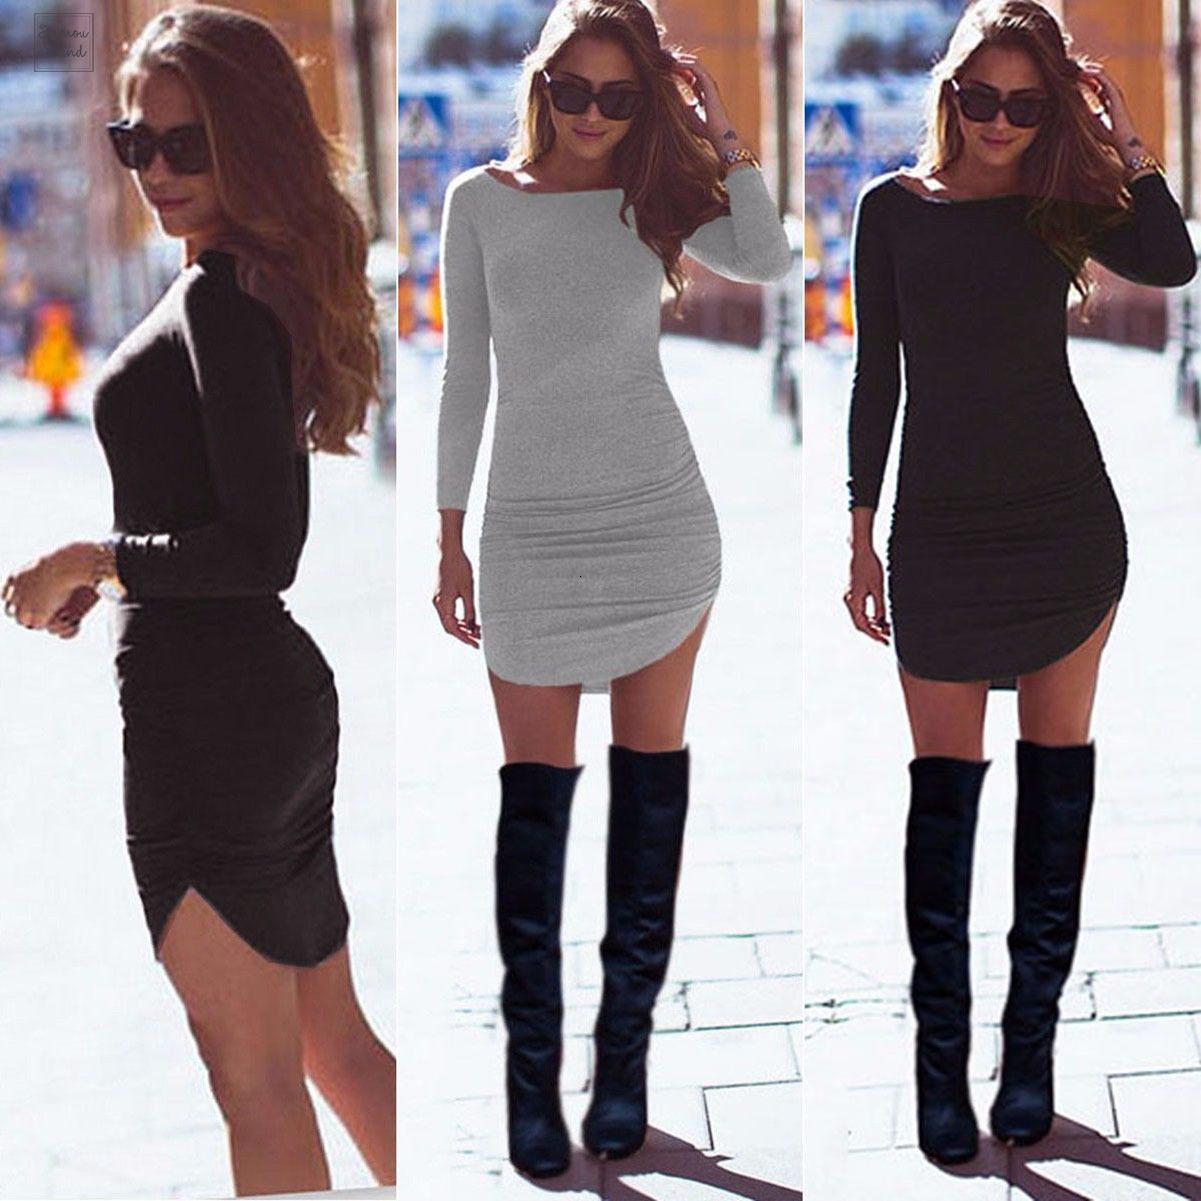 المرأة مثير السيدات حزب اللباس كم طويل عادية تونك الأعلى قصيرة الهيئة غير الرسمية البسيطة الخريف قطرة الشحن مصمم الملابس